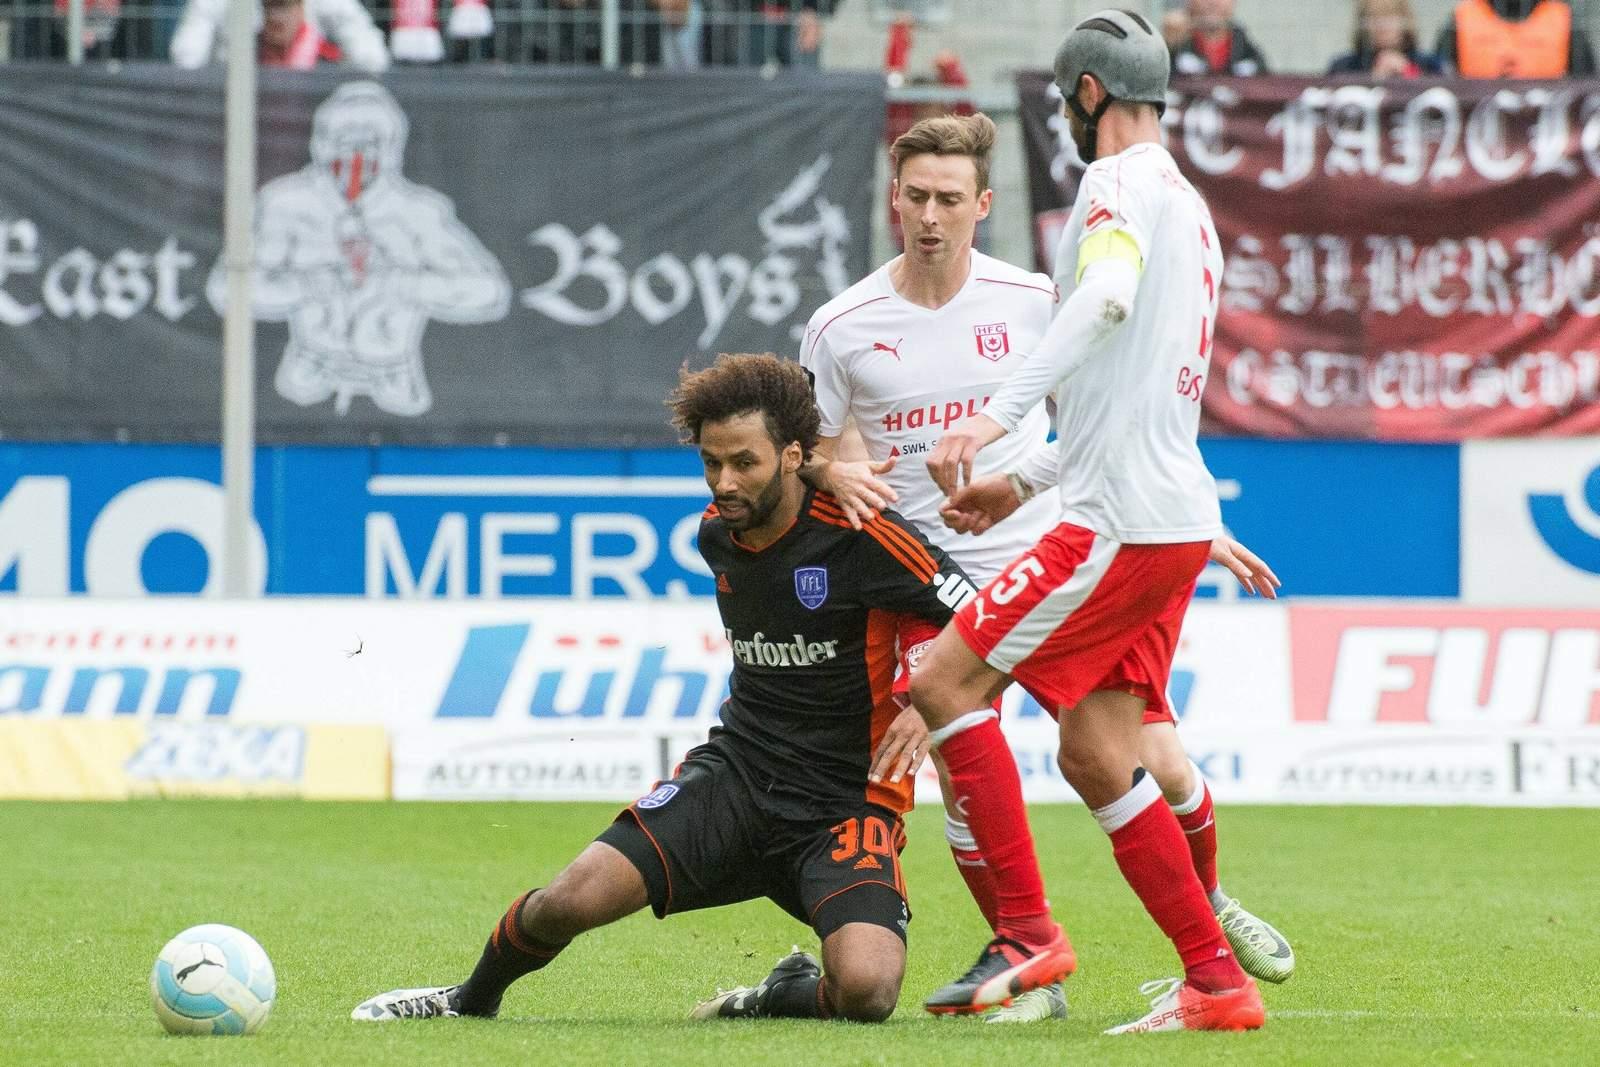 Zweikampf zwischen Nazim Sangaré und Klaus Gjasula. Jetzt auf Osnabrück gegen Halle wetten!